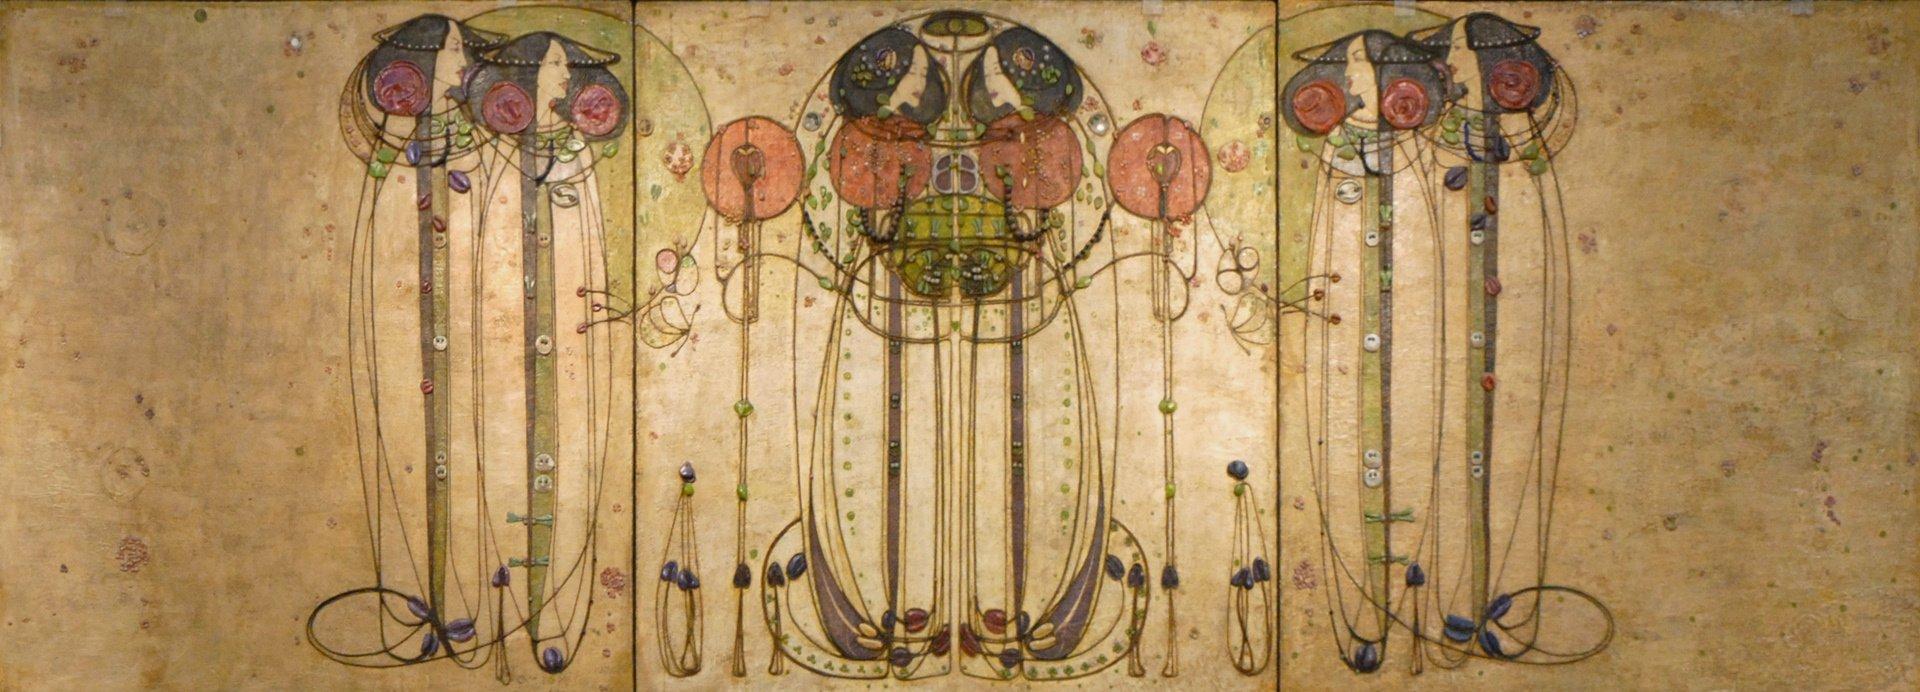 The Wassail (Charles Rennie Mackintosh)